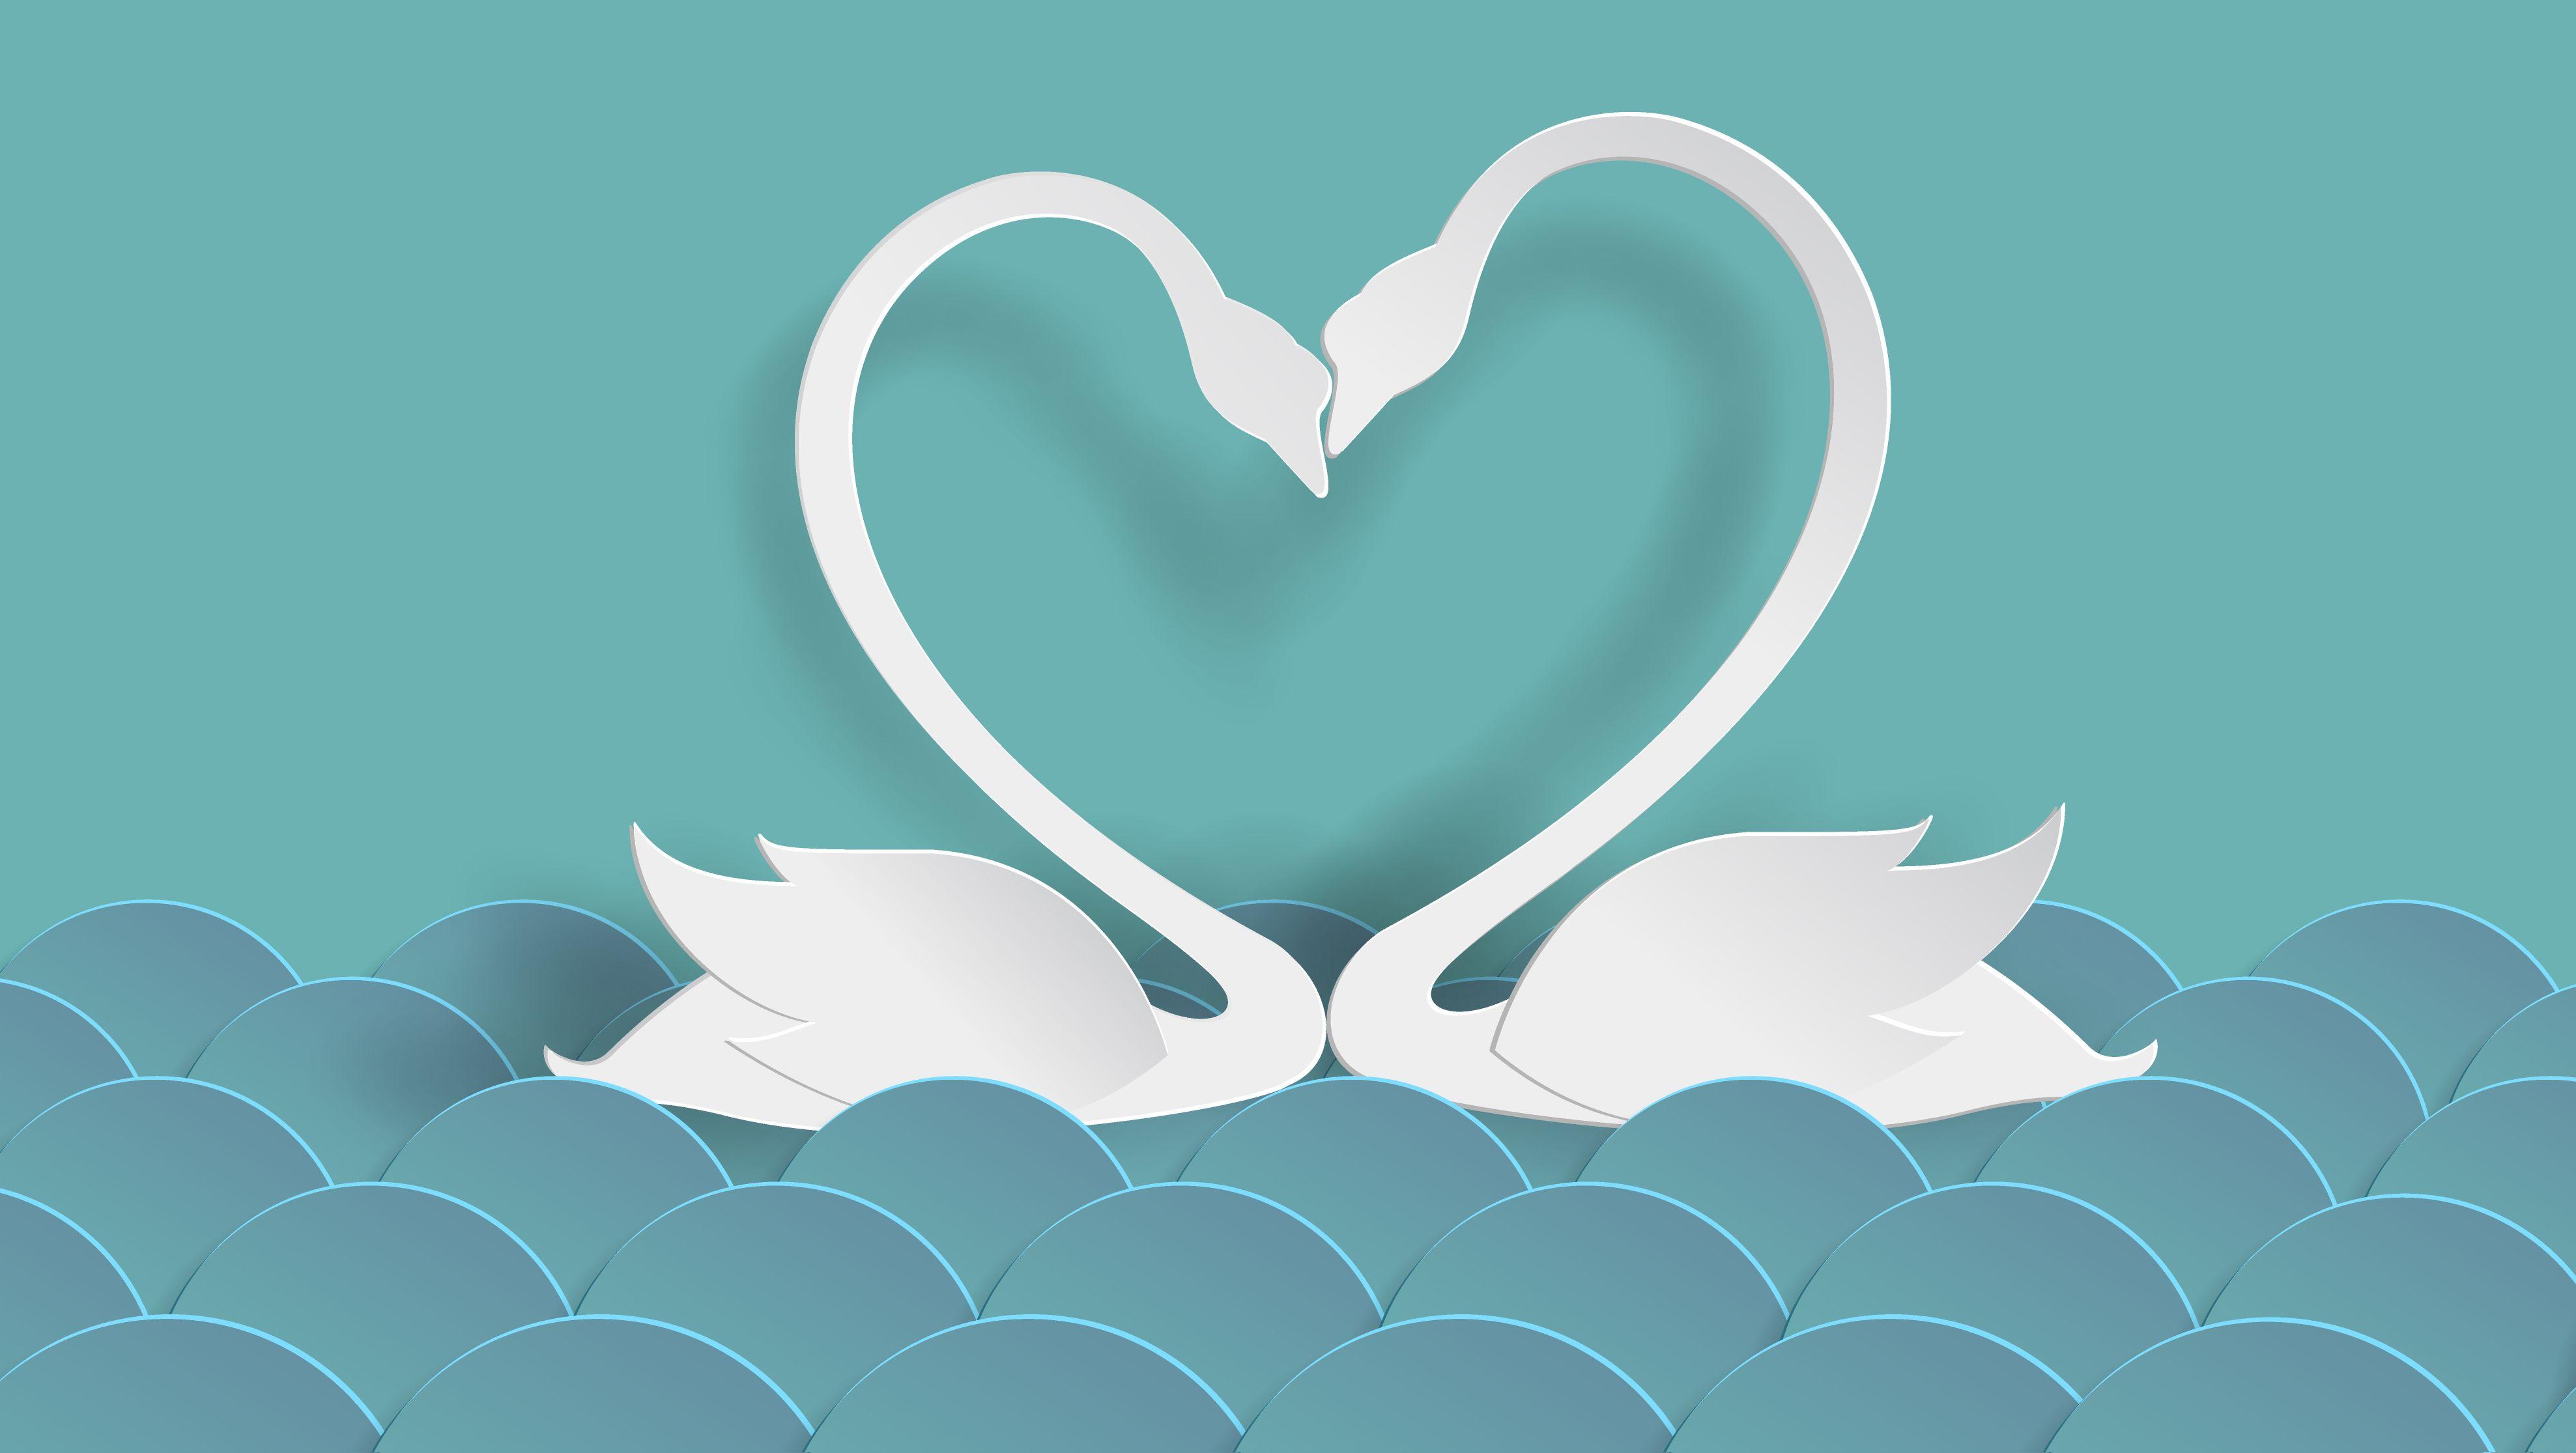 Бумажная свадьба прикольные картинки гифки, открыток